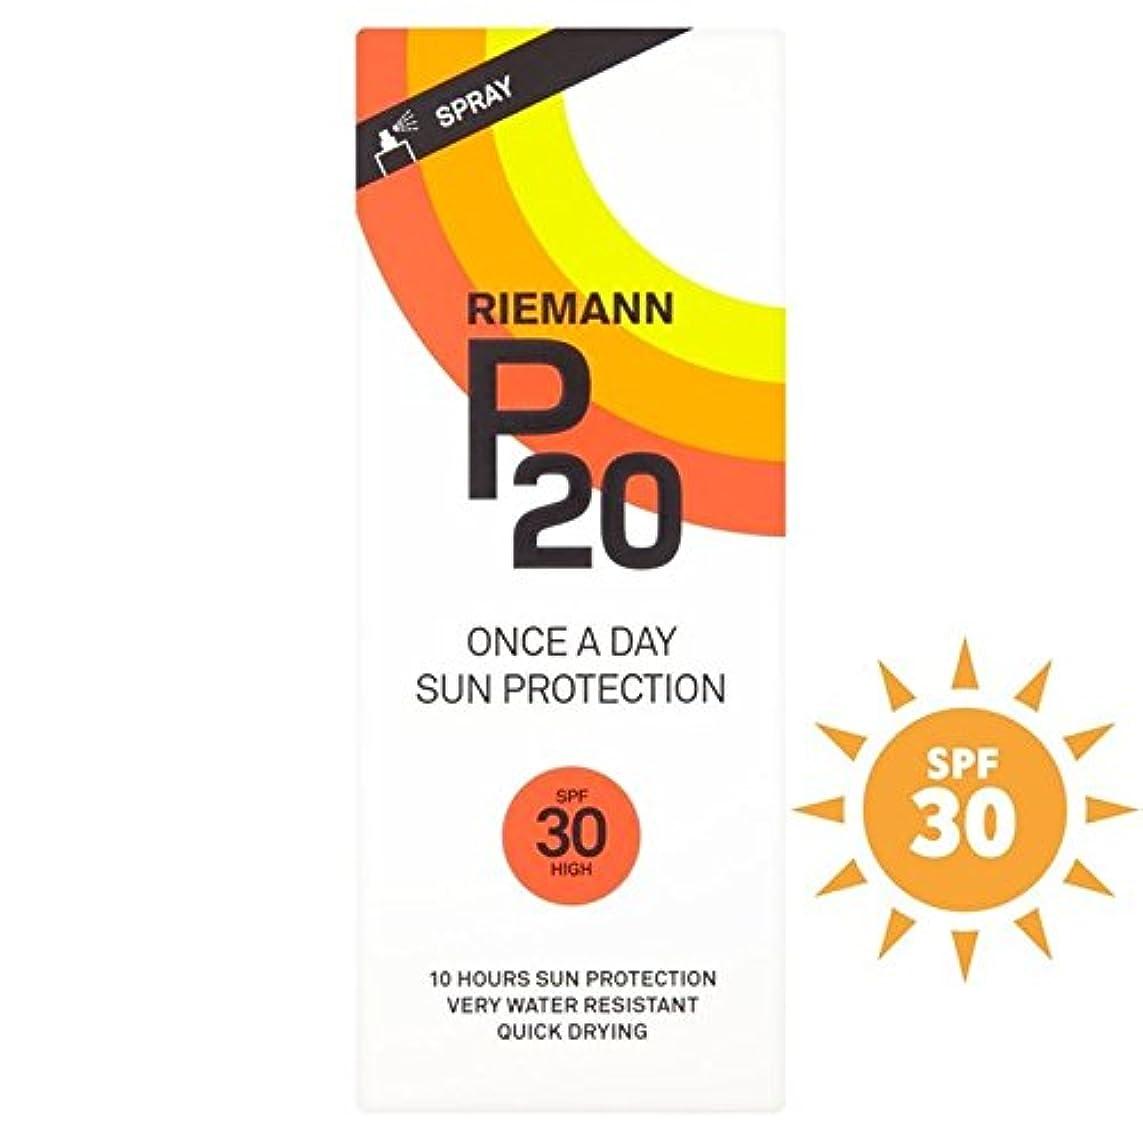 ベギンマウントバンクつぼみRiemann P20 SPF30 1 Day/10 Hour Protection 200ml (Pack of 6) - リーマン20 30 1日/ 10時間の保護200ミリリットル x6 [並行輸入品]